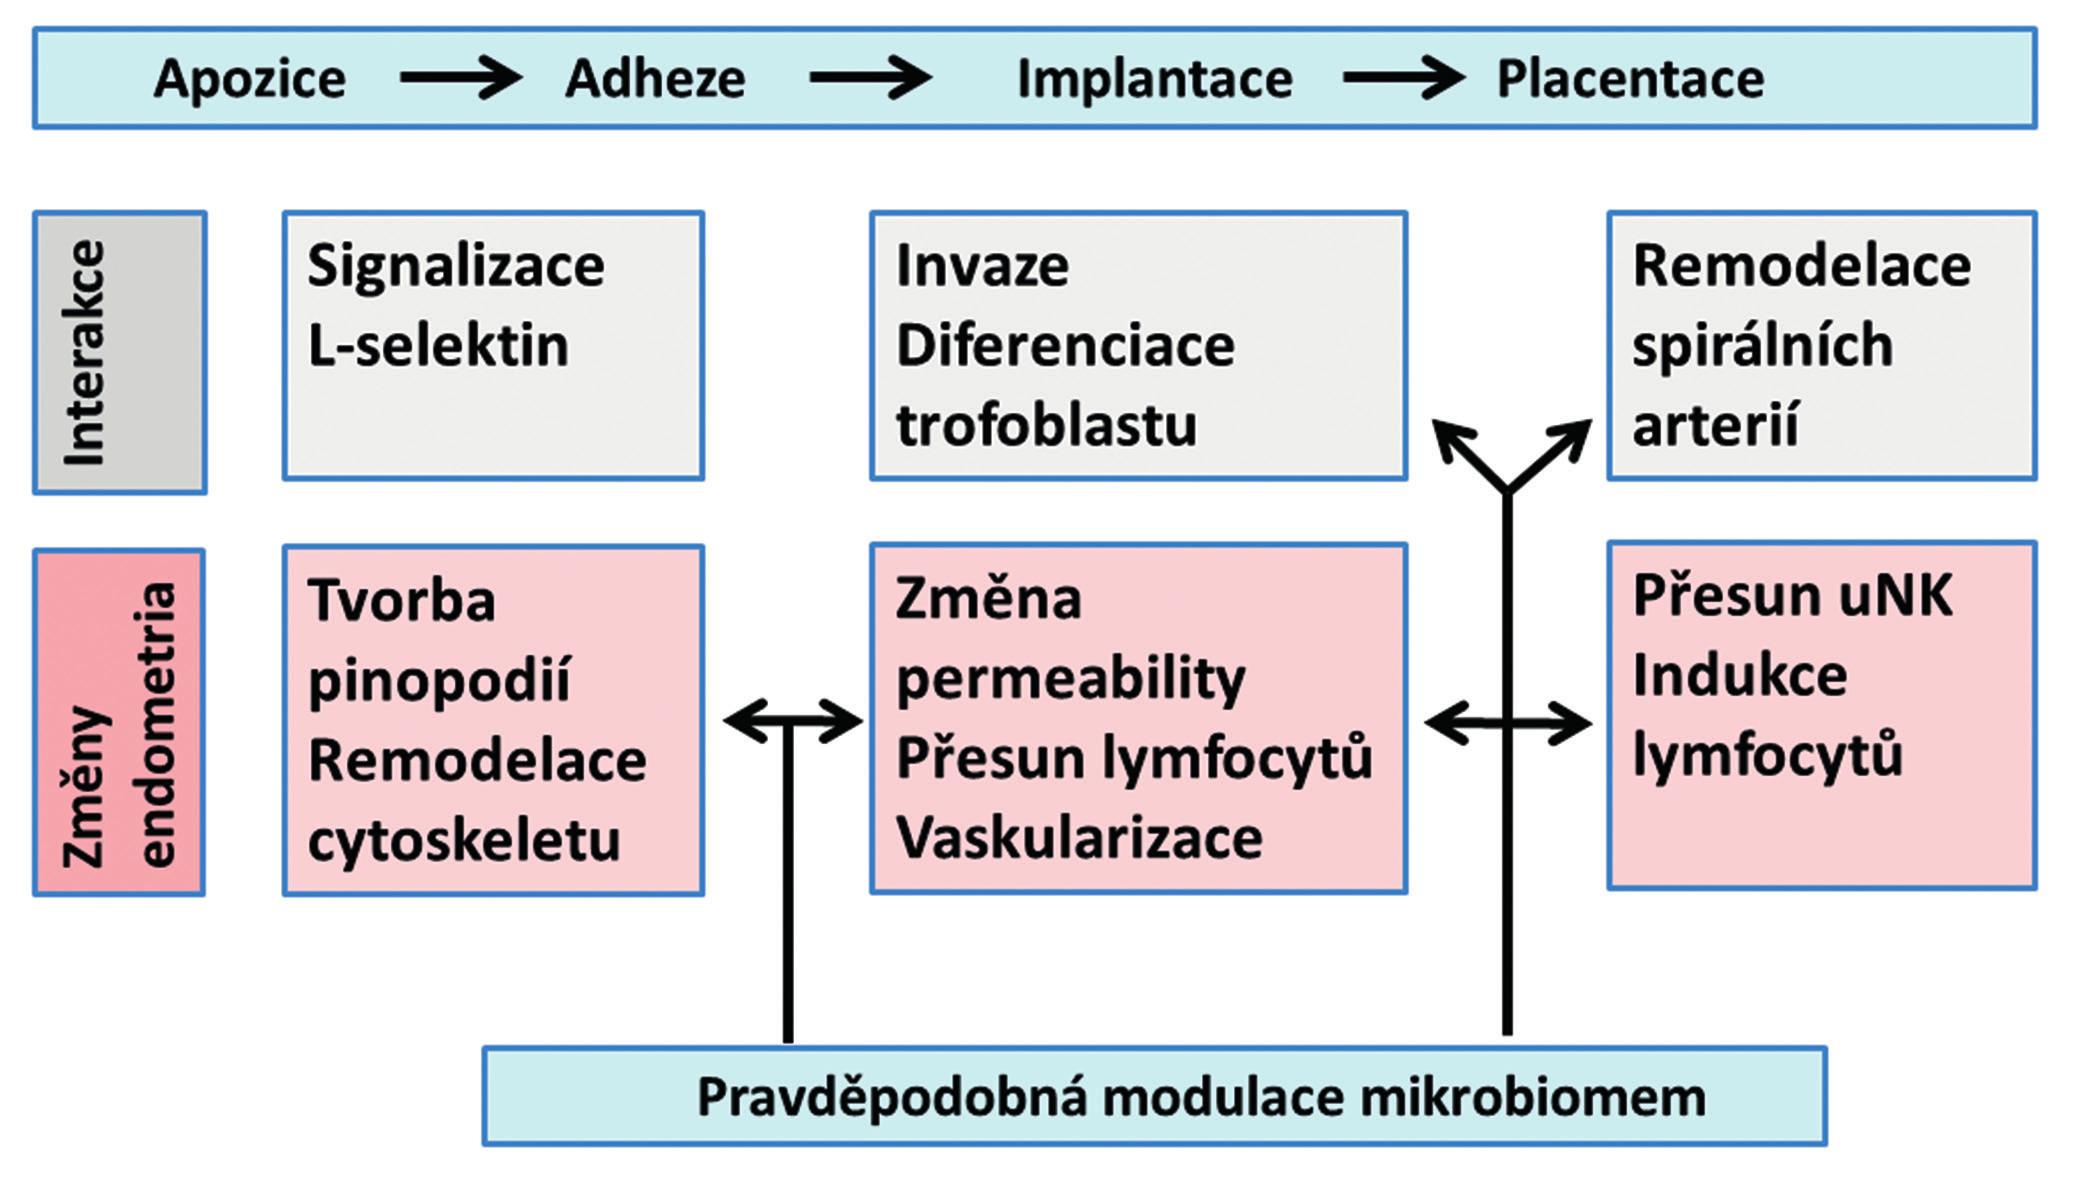 Schéma základních procesů, interakcí a změn probíhajících v endometriu od apozice blastocysty po placentaci a možný vliv endometriálního mikrobiomu (uNK = uterine natural killers)